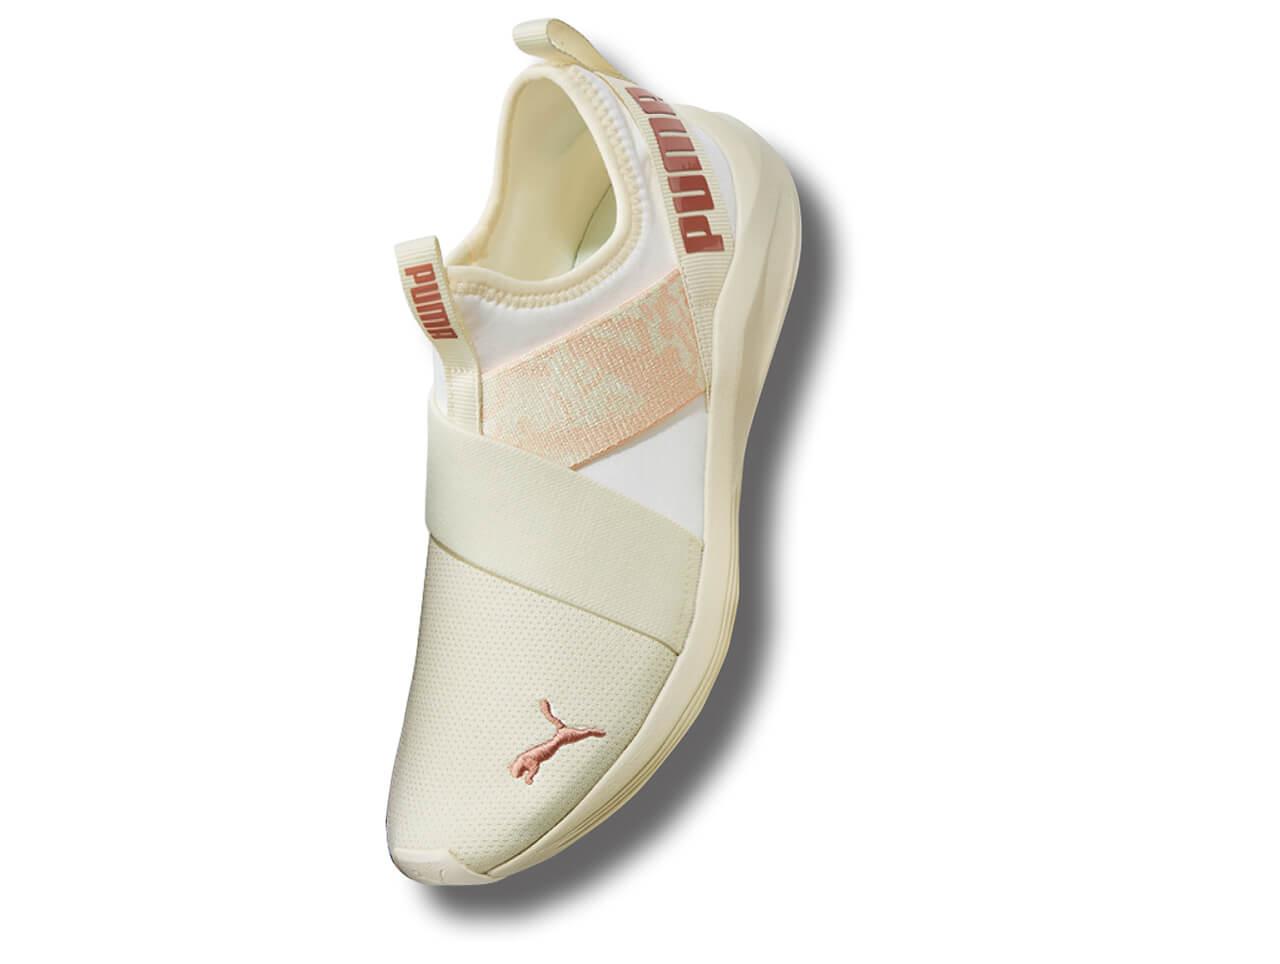 PROWL SLIP-ON ANIMAL/WHISPER WHITE-ROSE GOLD ¥5900